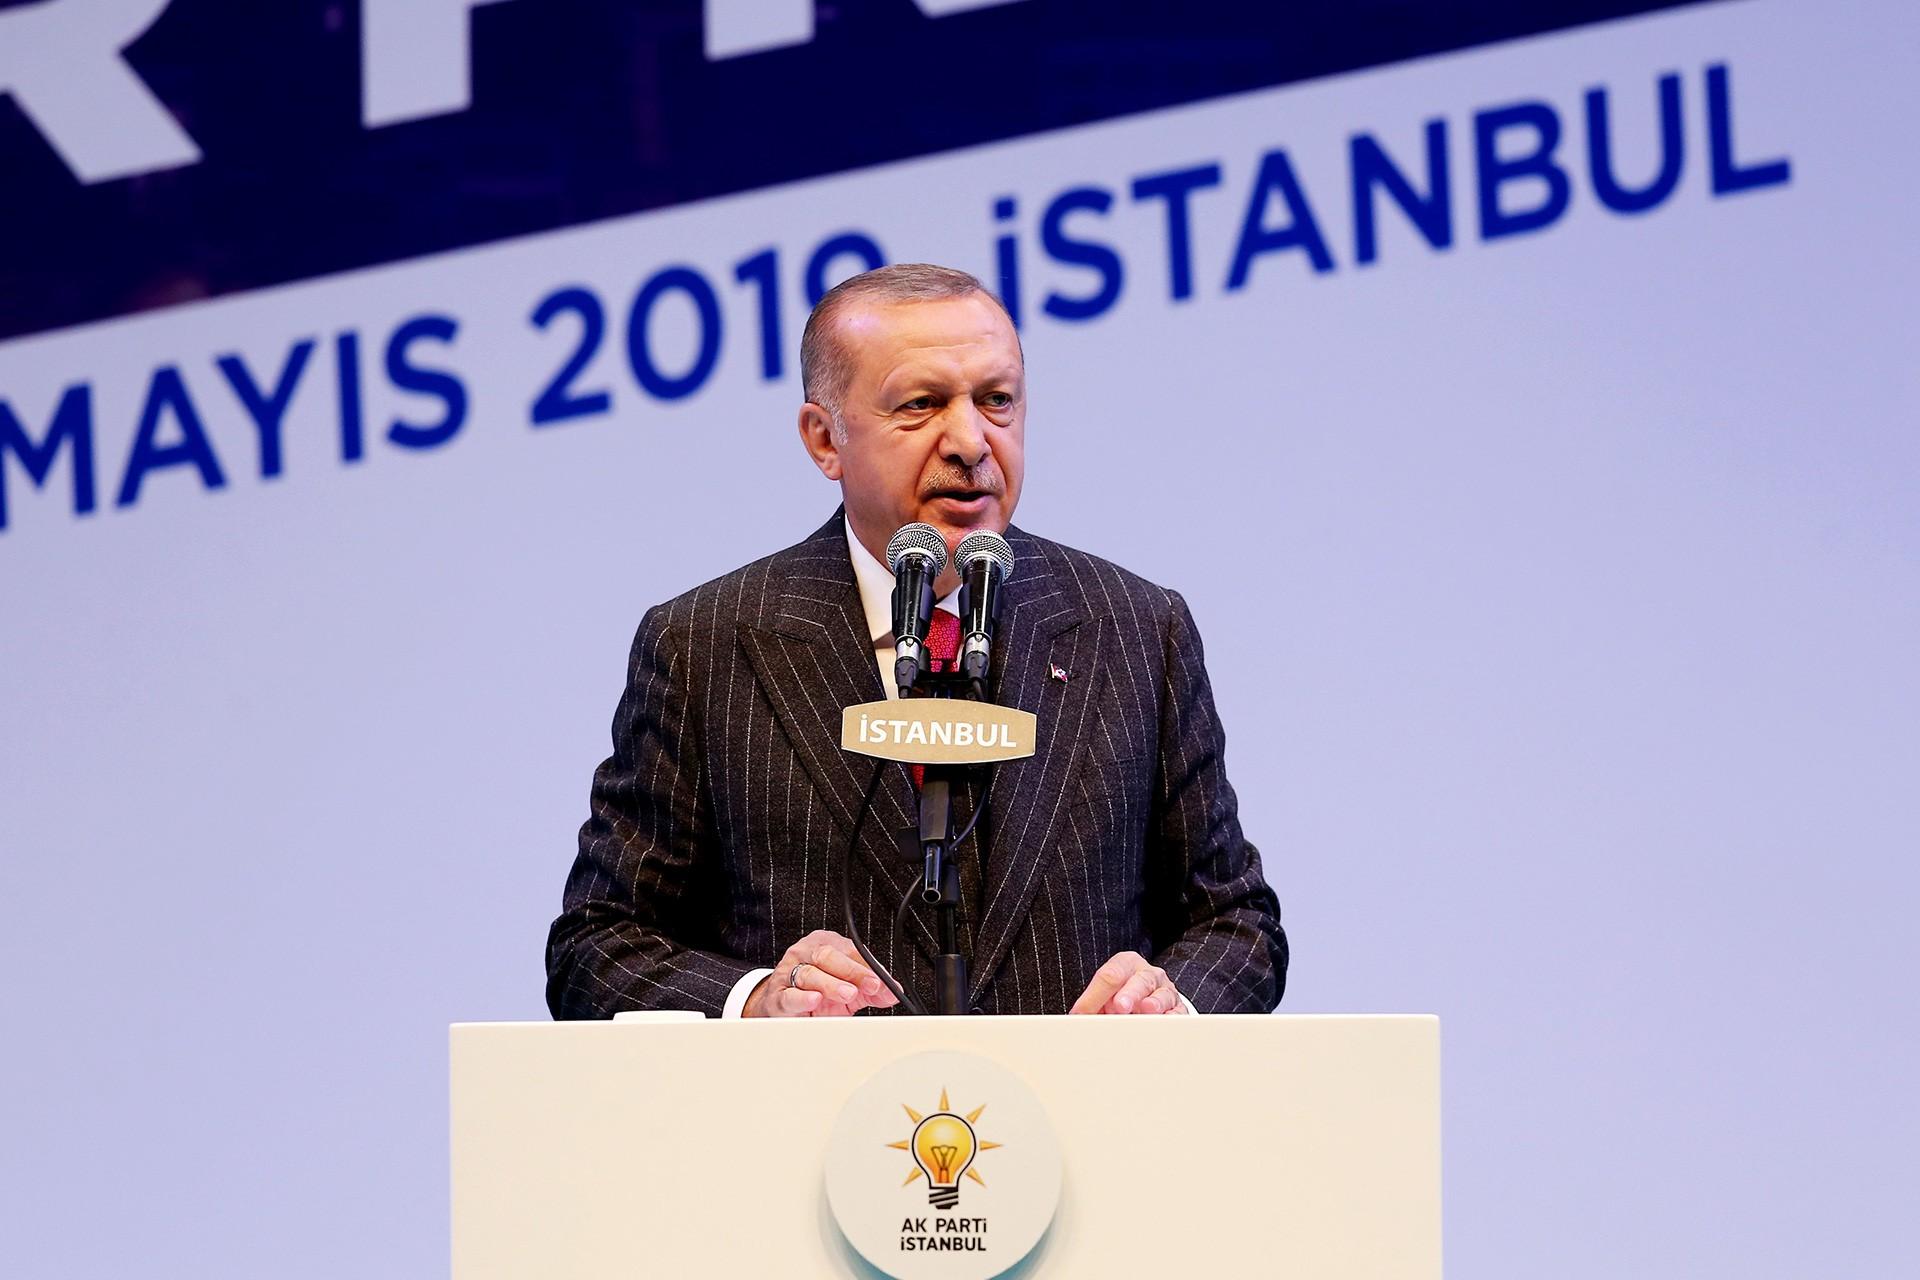 Erdoğan 'oy çalındı' iddiasında ısrarcı: Oy hırsızlığı tam bir felakettir